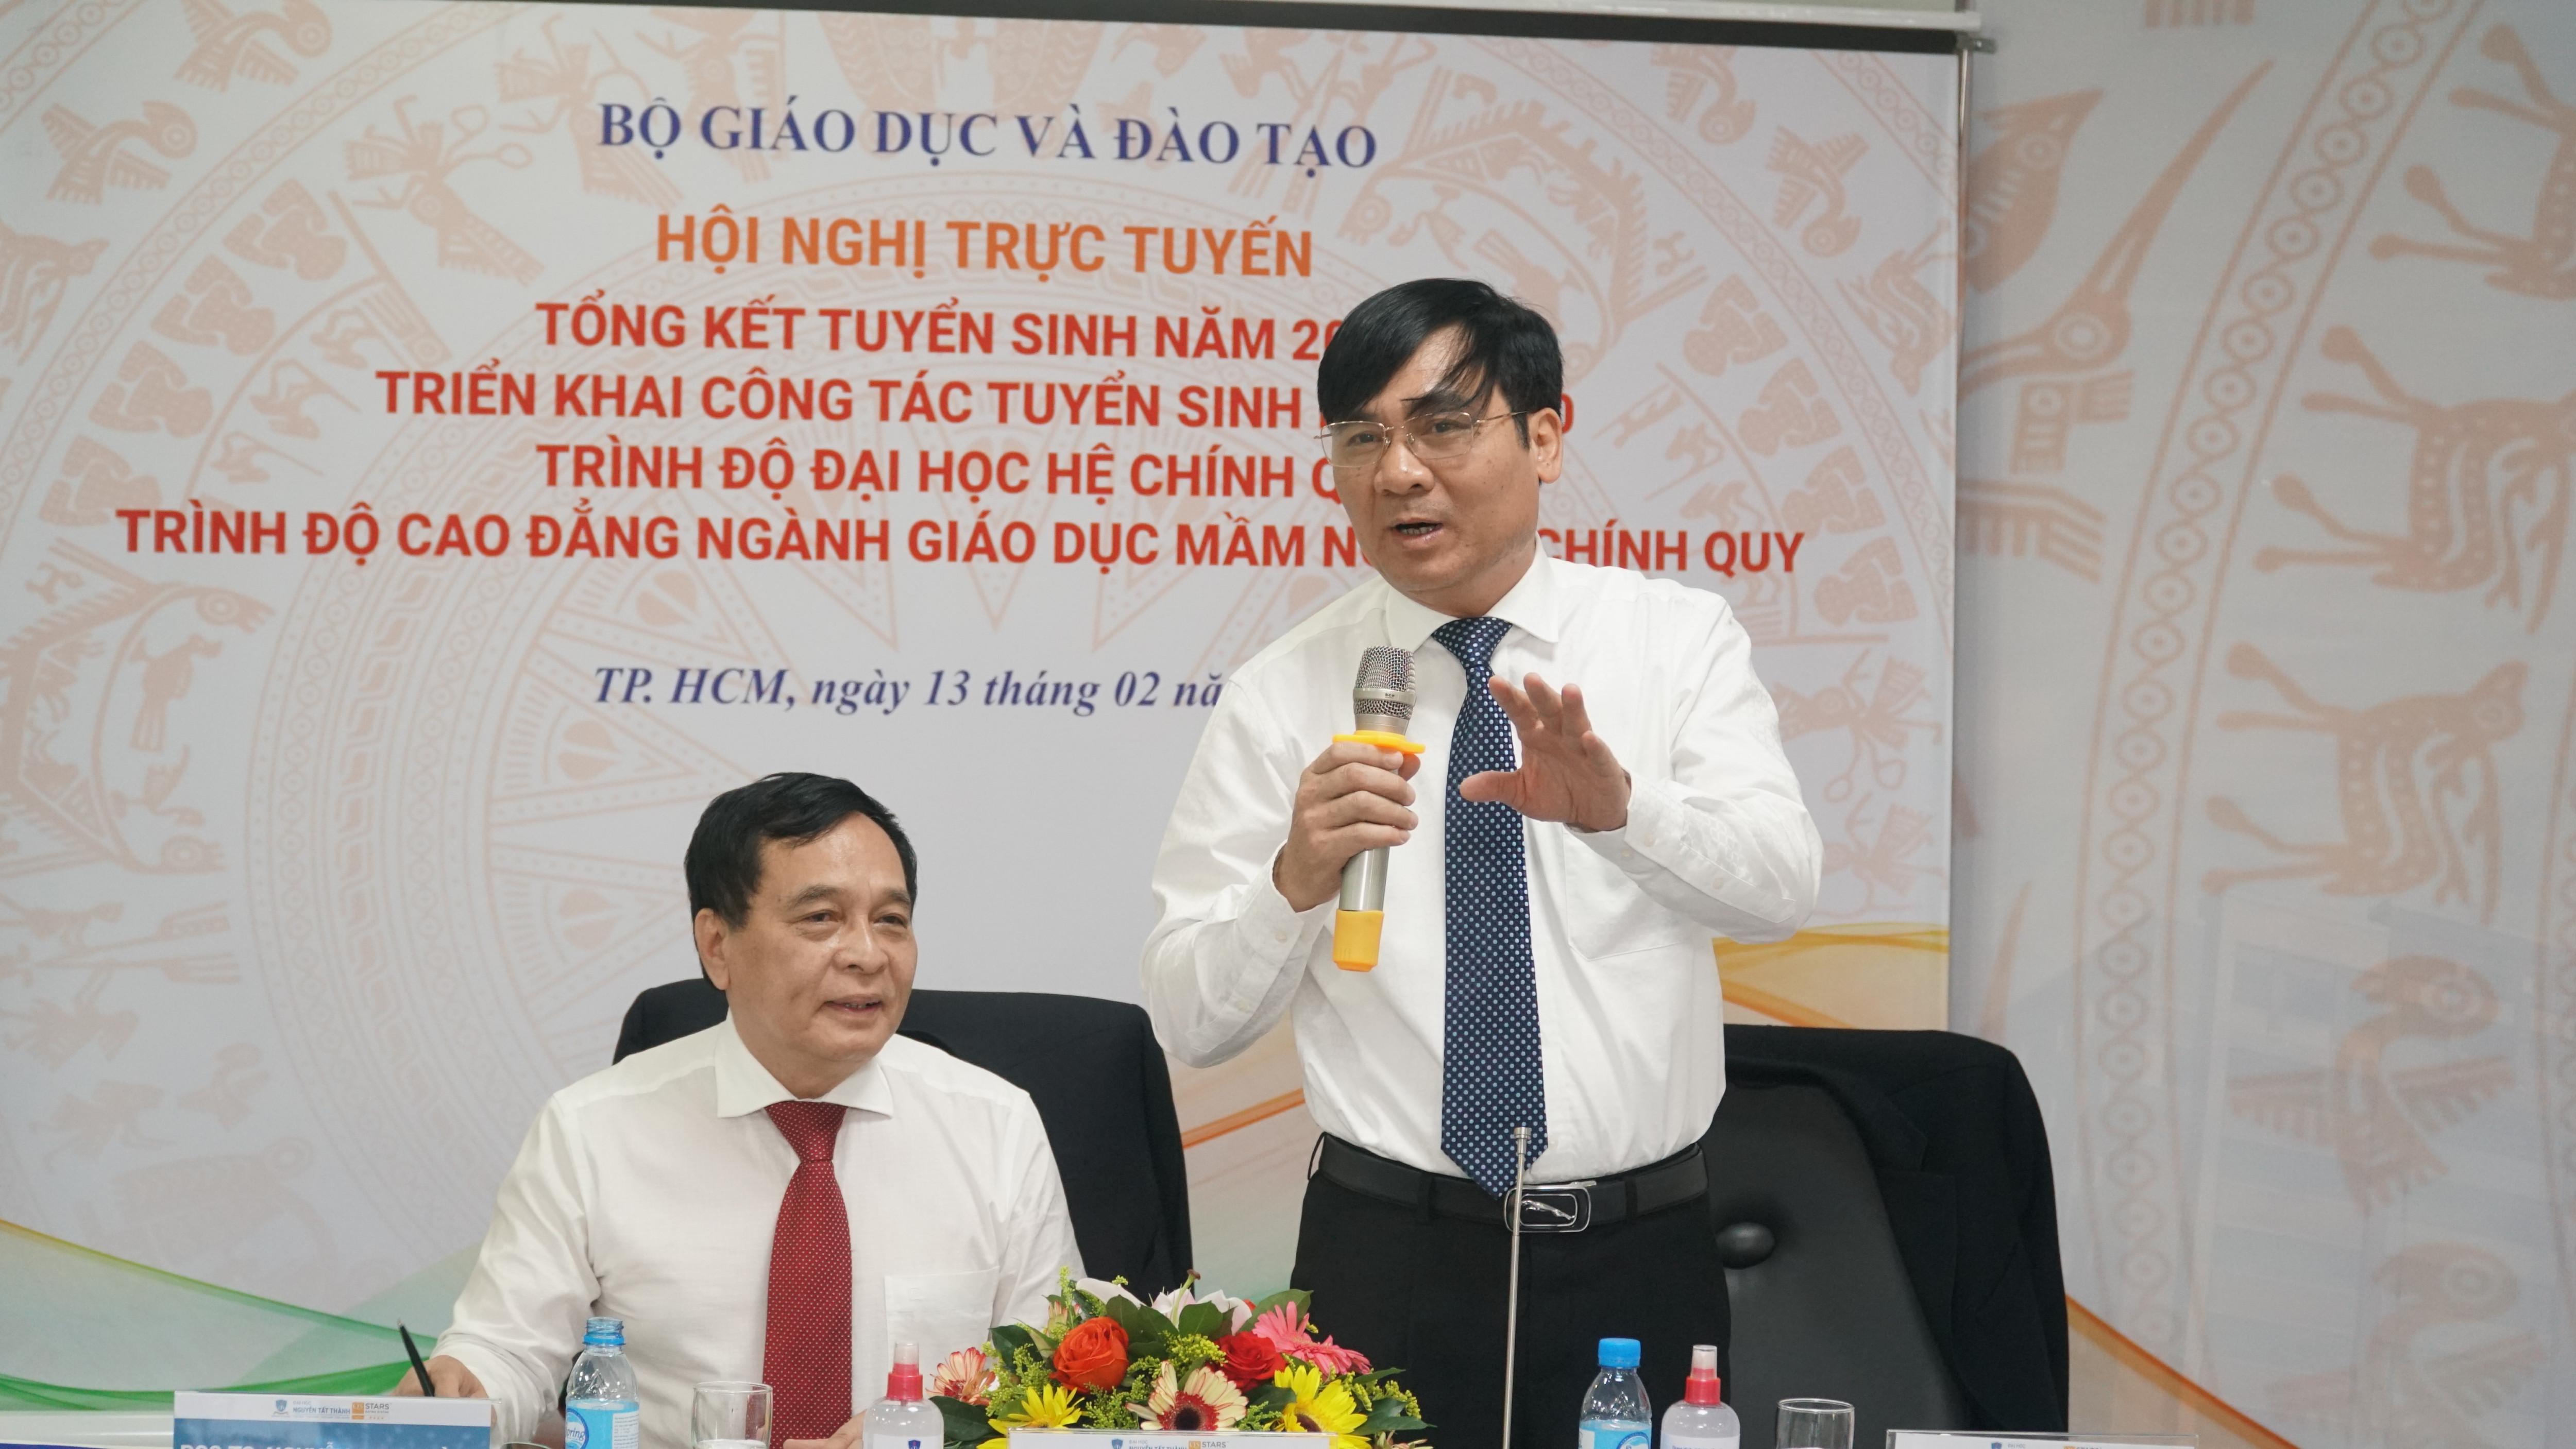 Ông Phạm Như Nghệ (phải) cho rằng chương trình chất lượng cao cần được gọi đúng tên